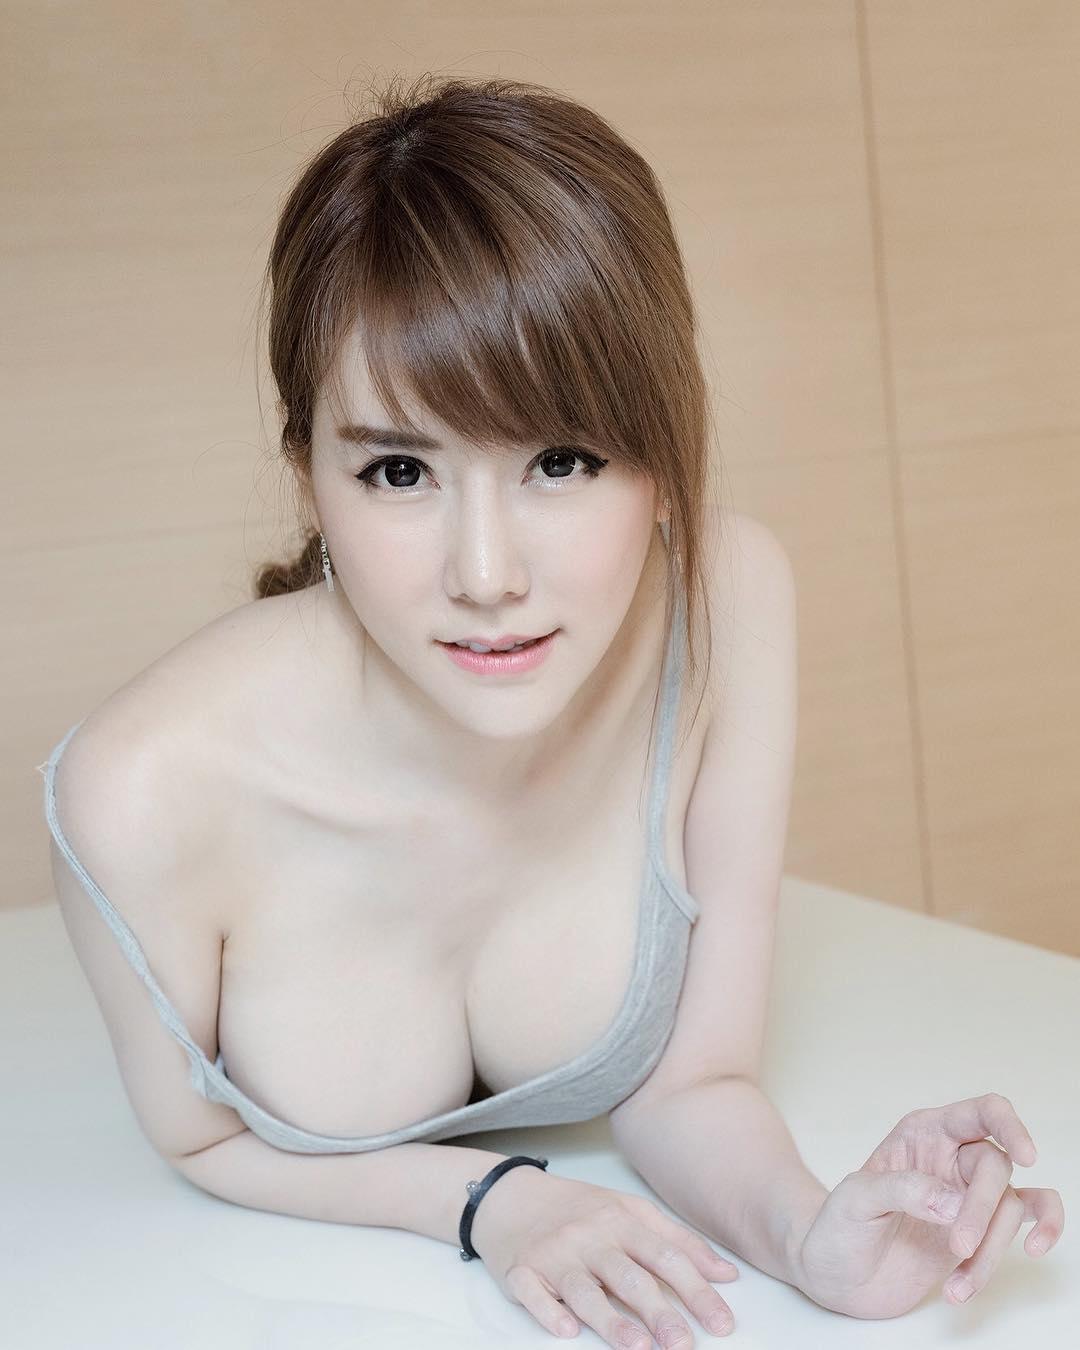 Đánh bay cái nóng với bộ ảnh mát mẻ của hot girl Thái parlovetati